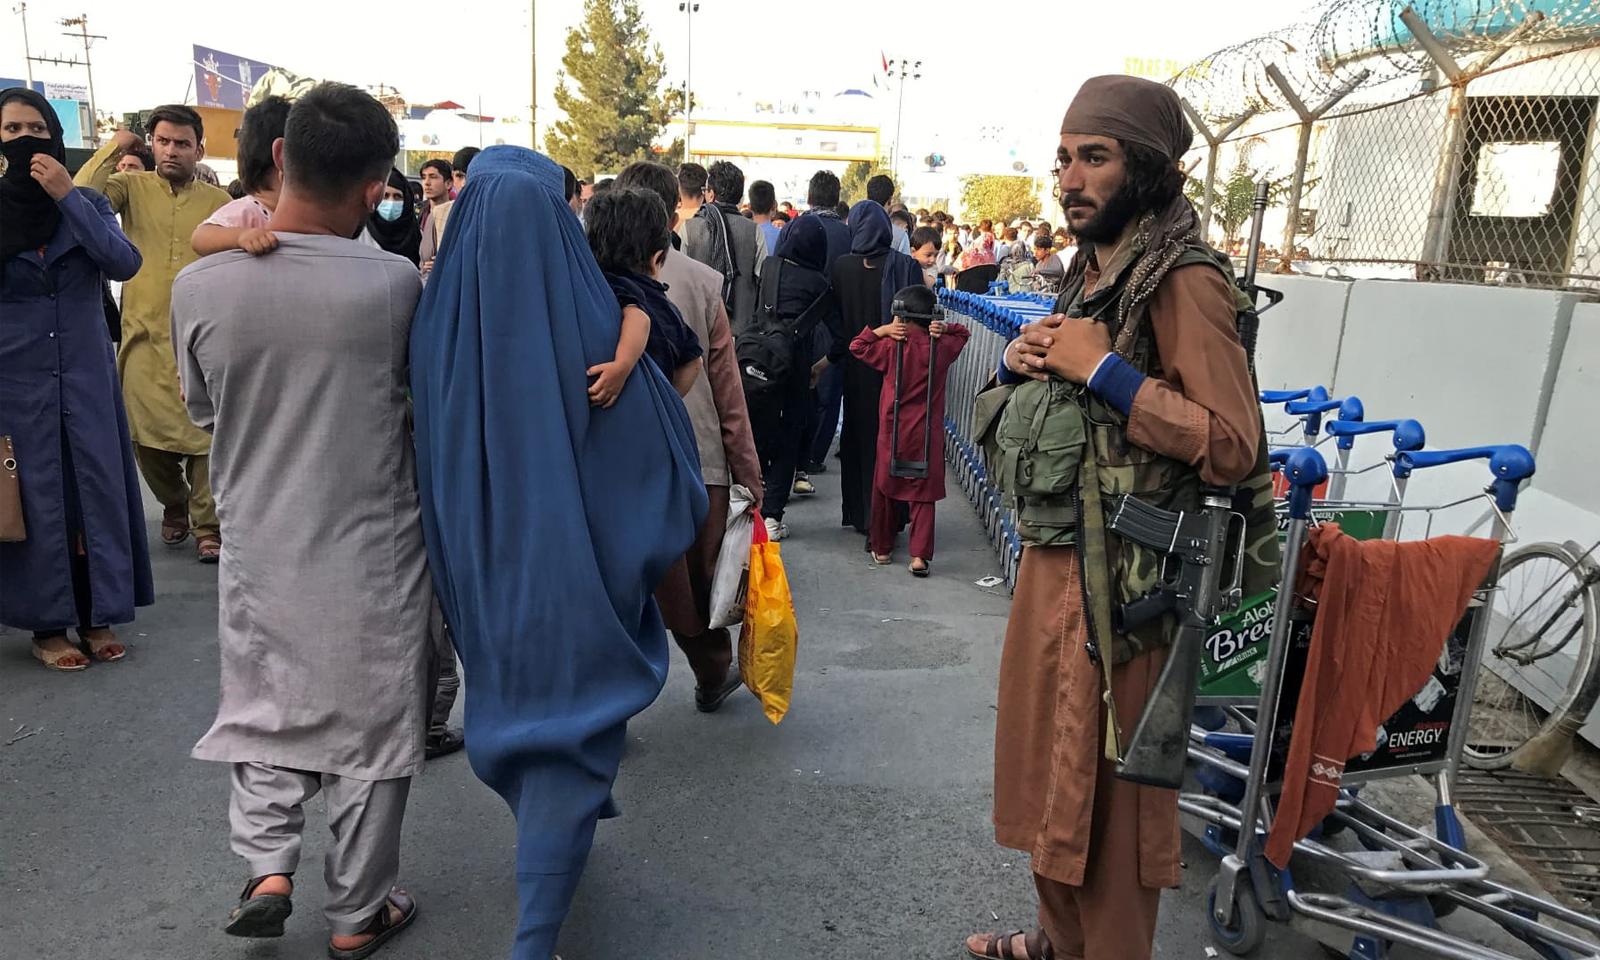 طالبان گروپ کے رکن حامد کرزئی ائیر پورٹ کے گیٹ پر موجود ہیں — فوٹو:رائٹرز